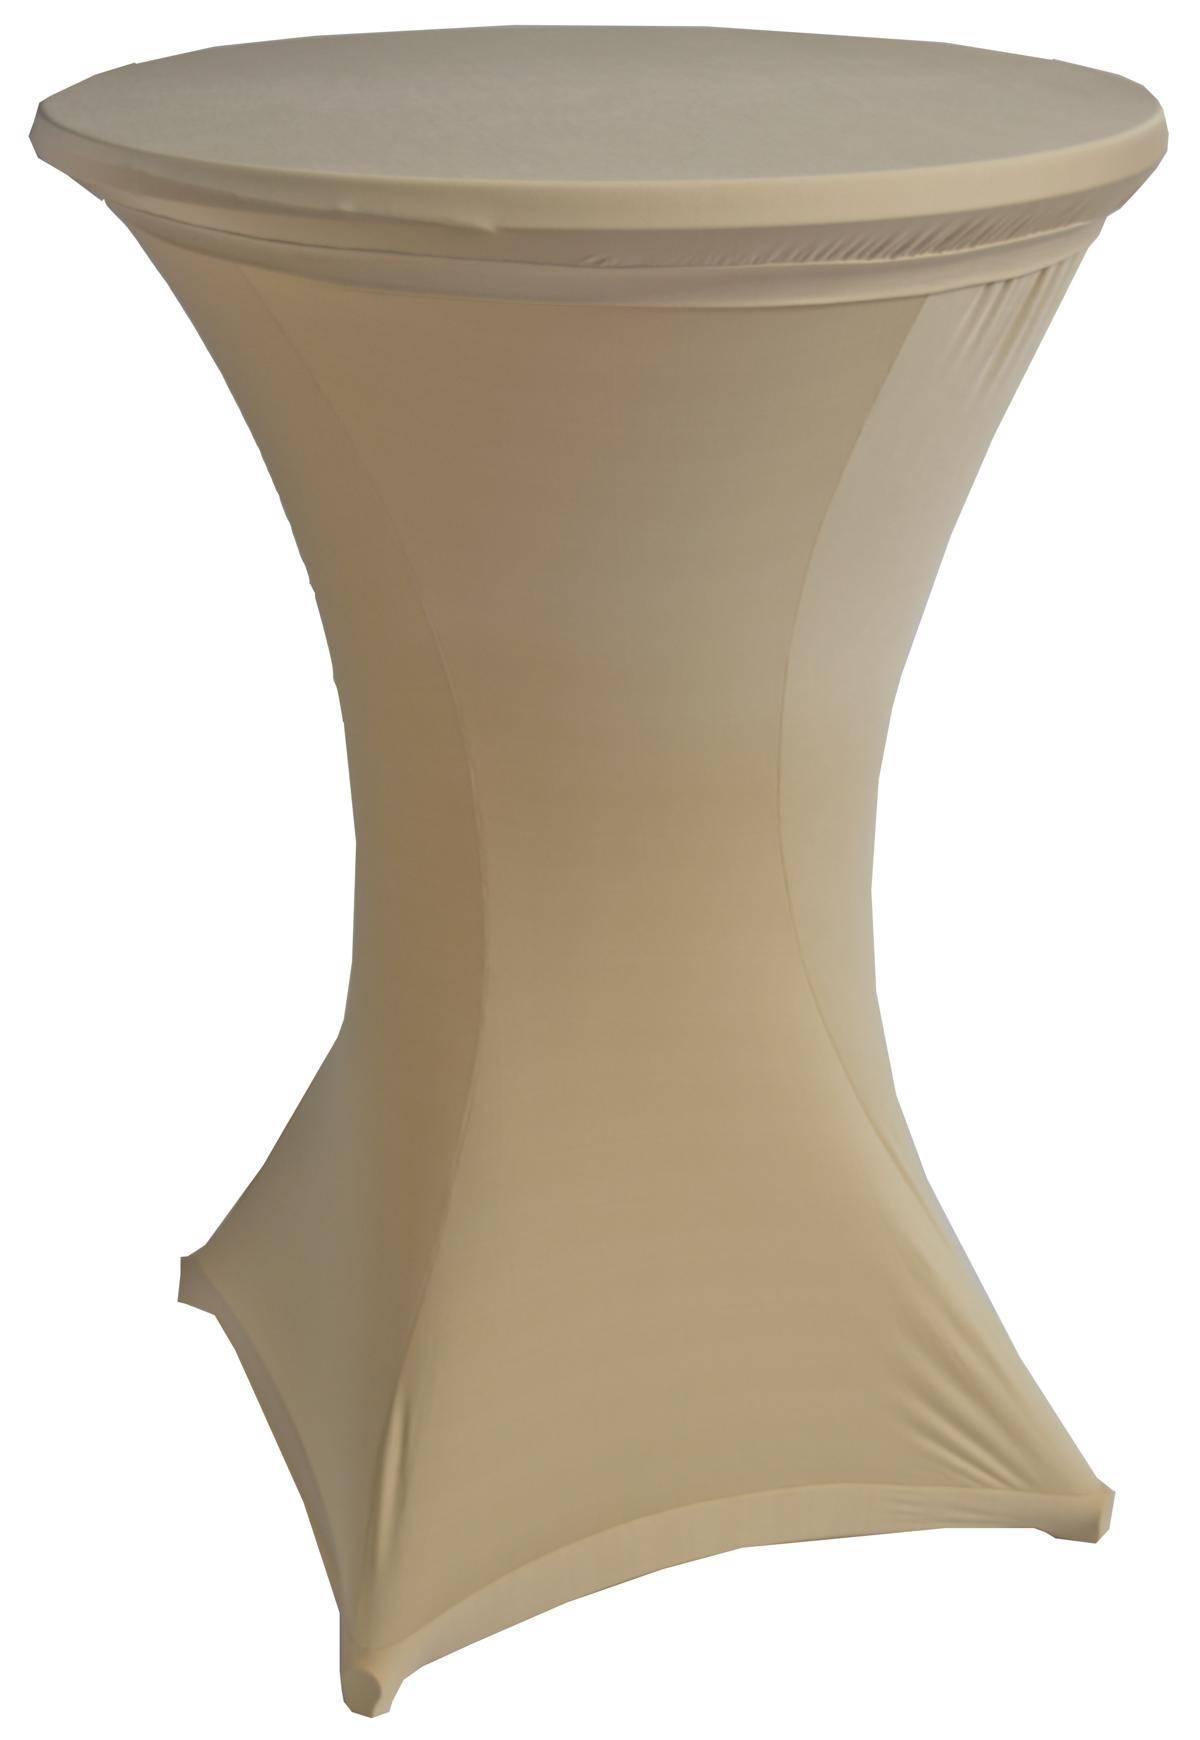 Husse aus Stretch-Stoff für Stehtisch 4-Bein-Gestelle 701419 Durchmesser 60cm x Höhe 120cm in Beige